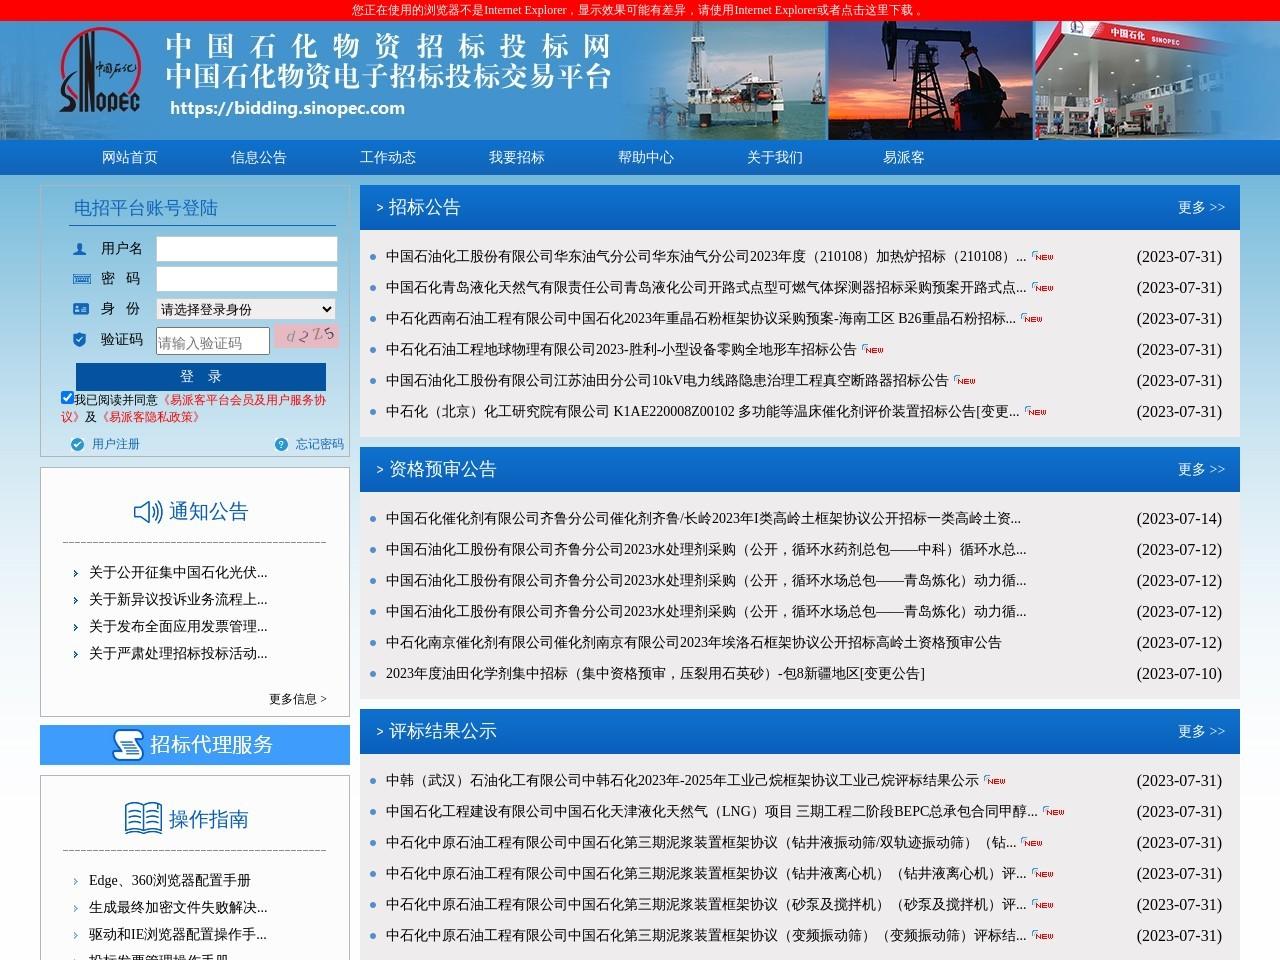 中國石化物資招標投標網截圖